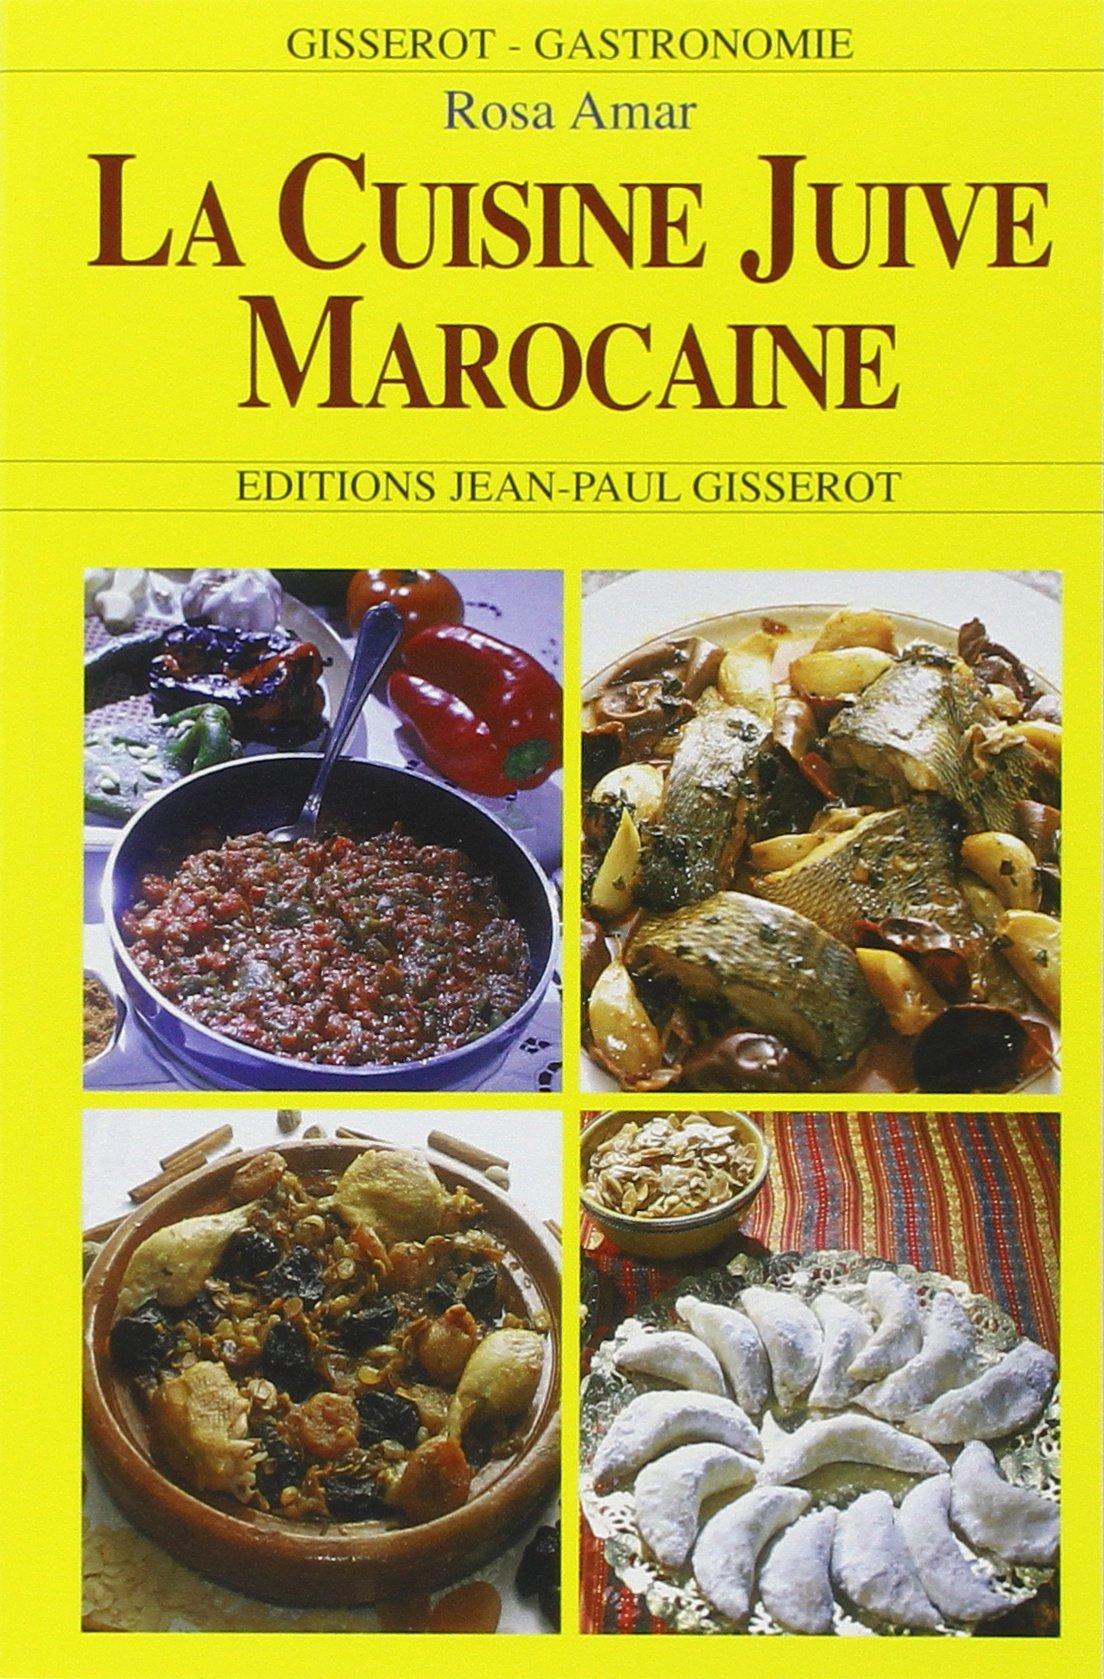 Souvent Amazon.fr - Cuisine juive marocaine : La cuisine de Rosa - Rosa  GF91